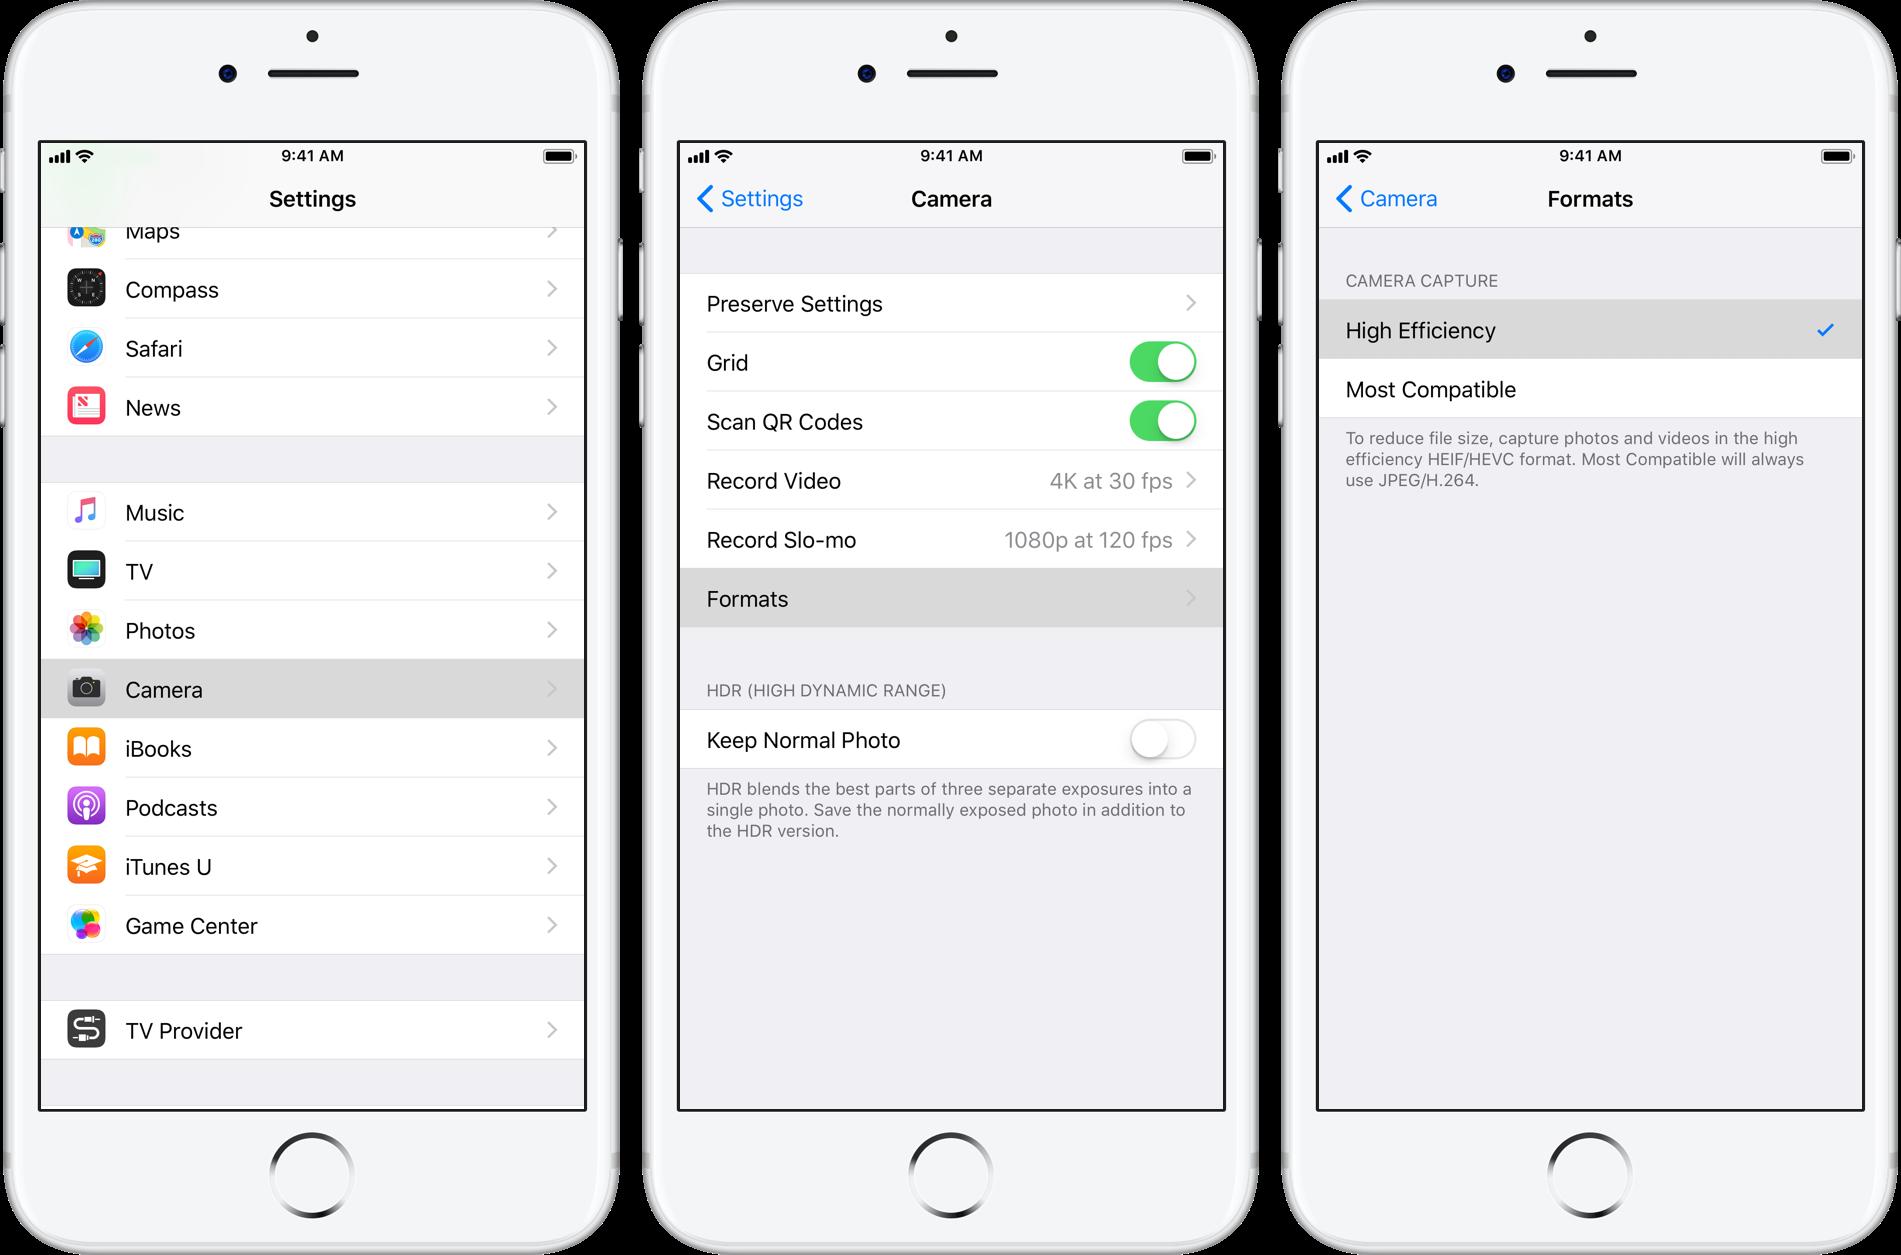 Turn Off HEIC Formatting on iOS 11